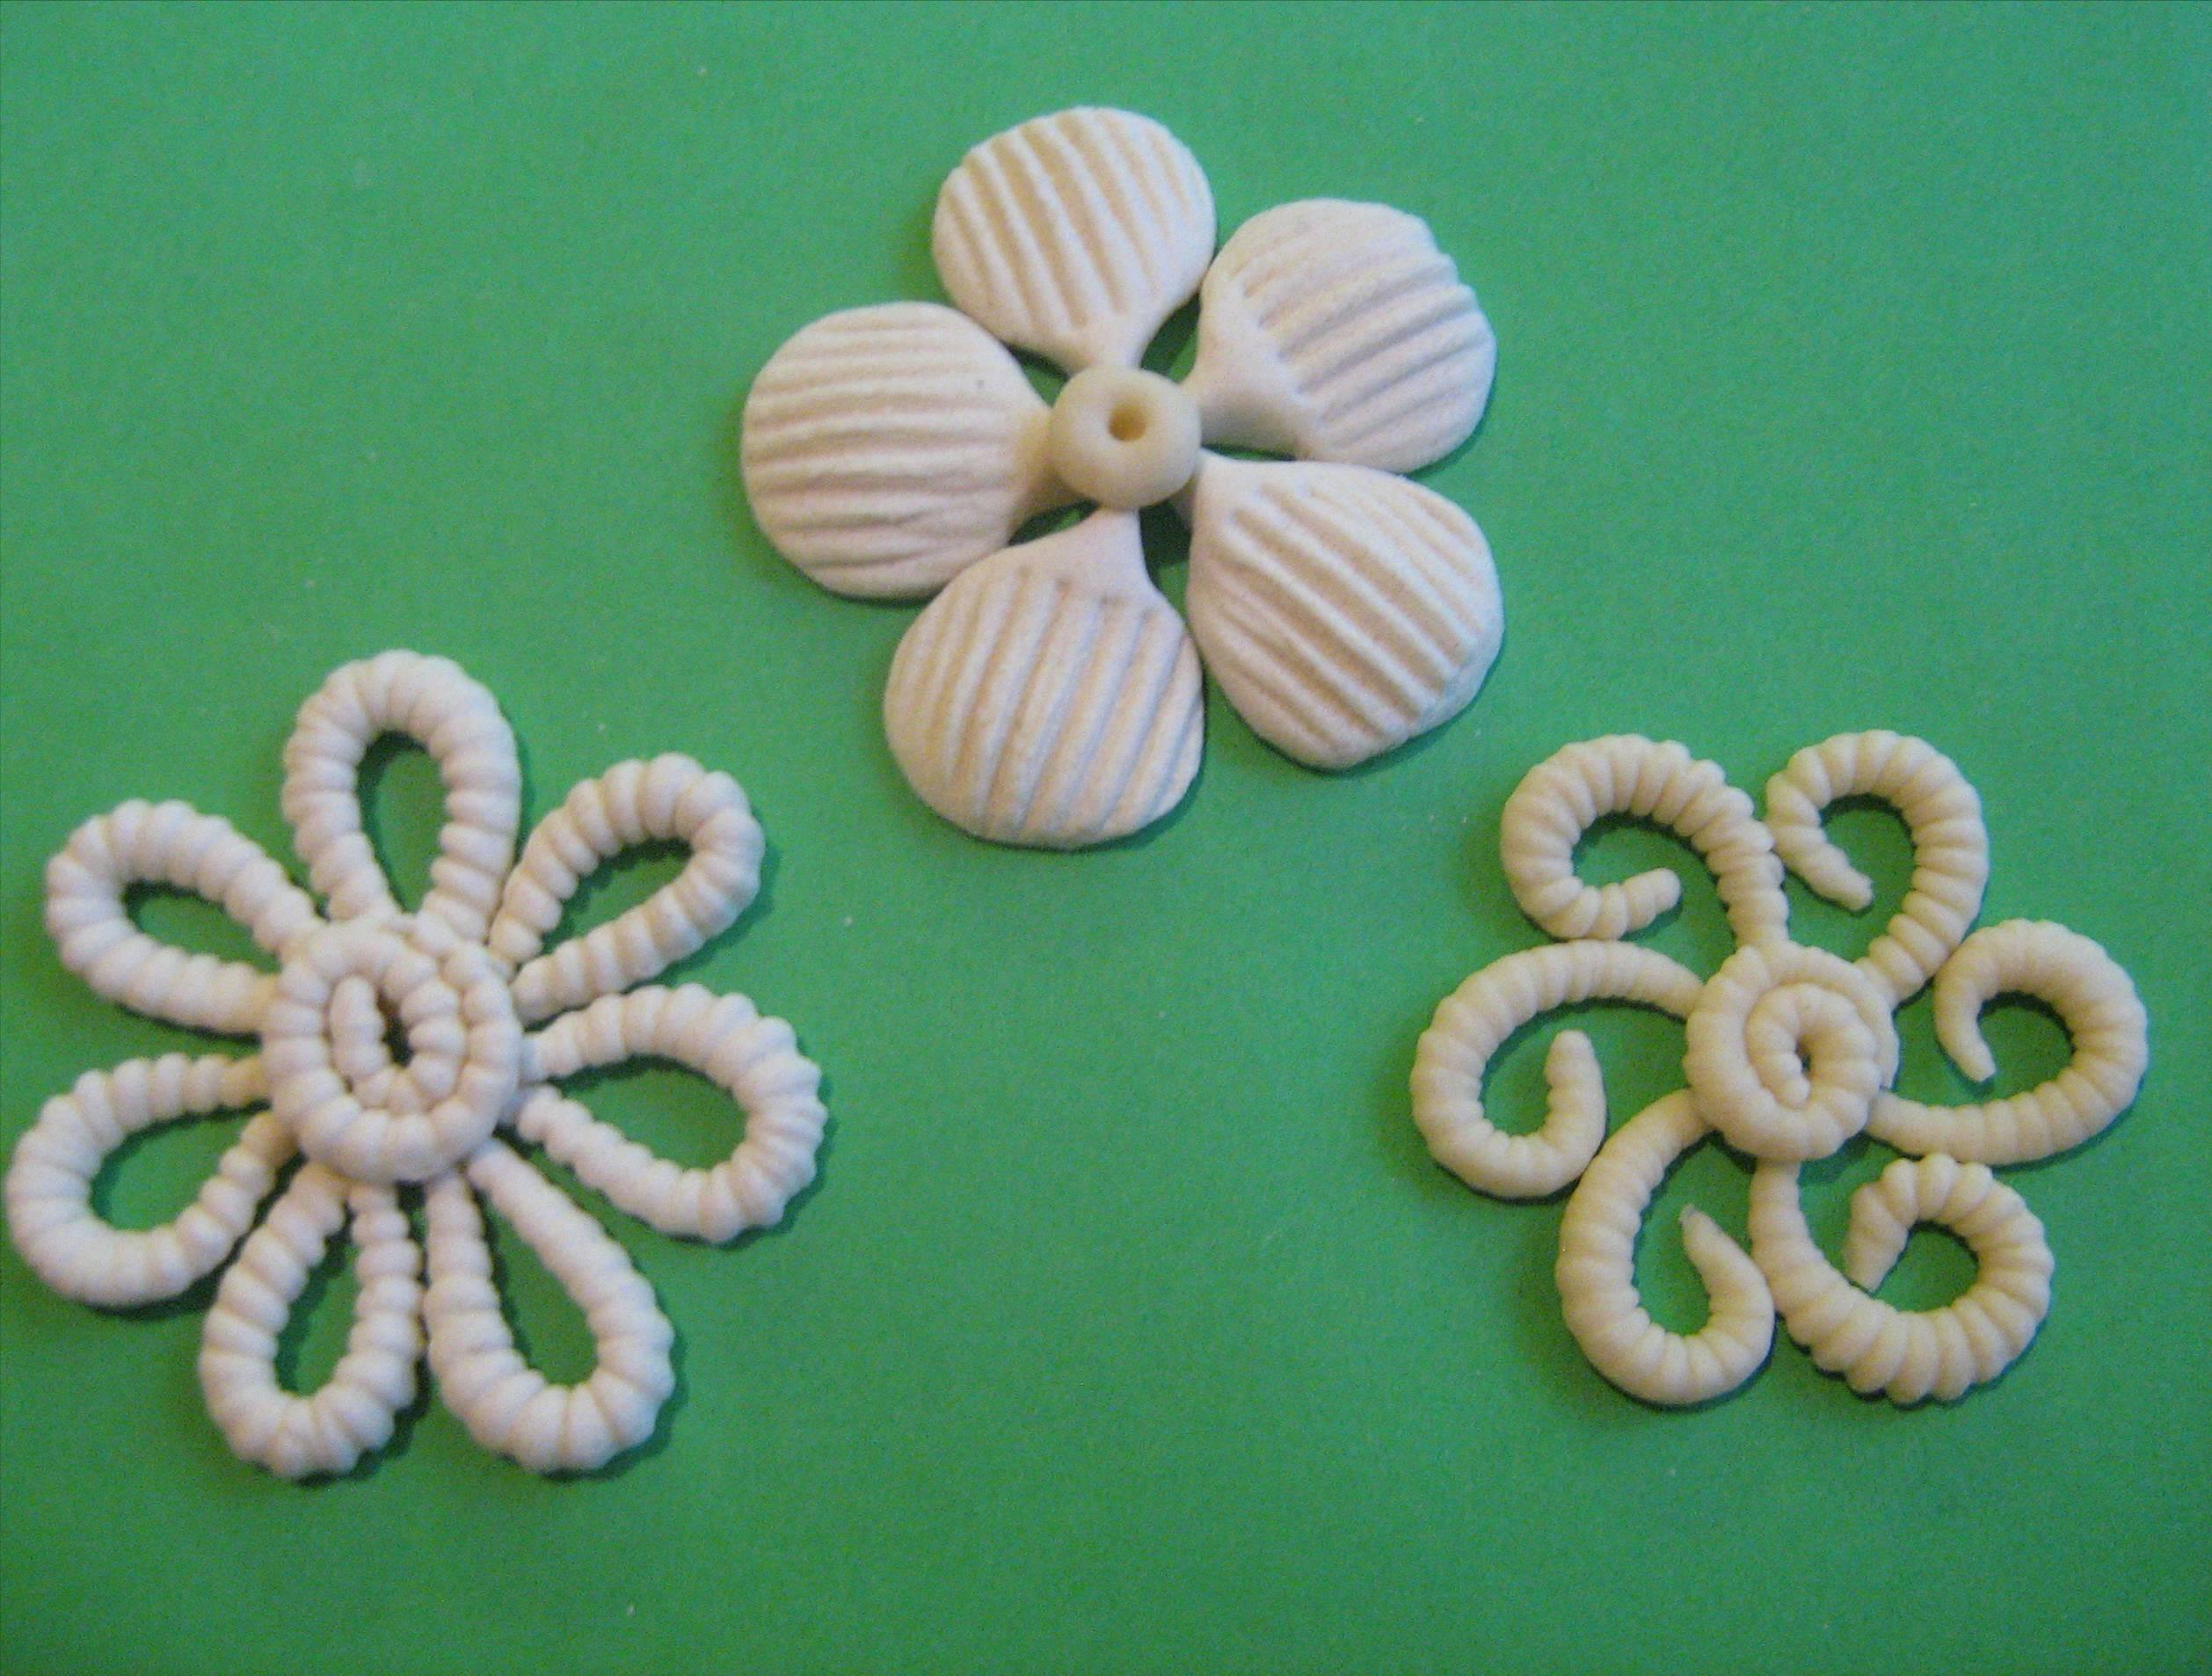 Цветы и листья из соленого теста мастер-класс - Колобок 72